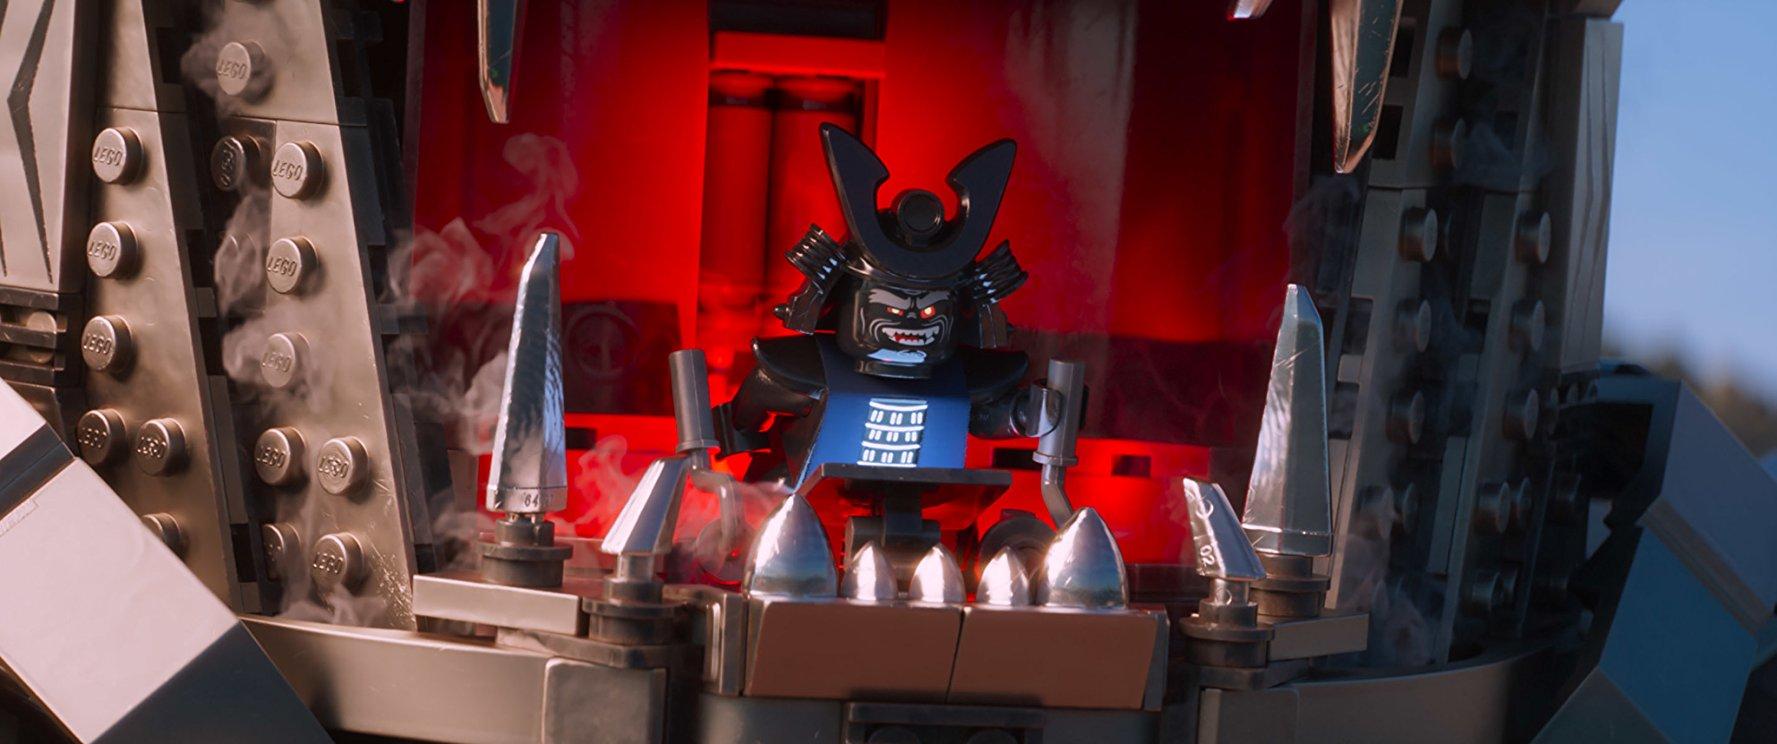 ninjago movie 2 - Đánh giá phim Ninjago